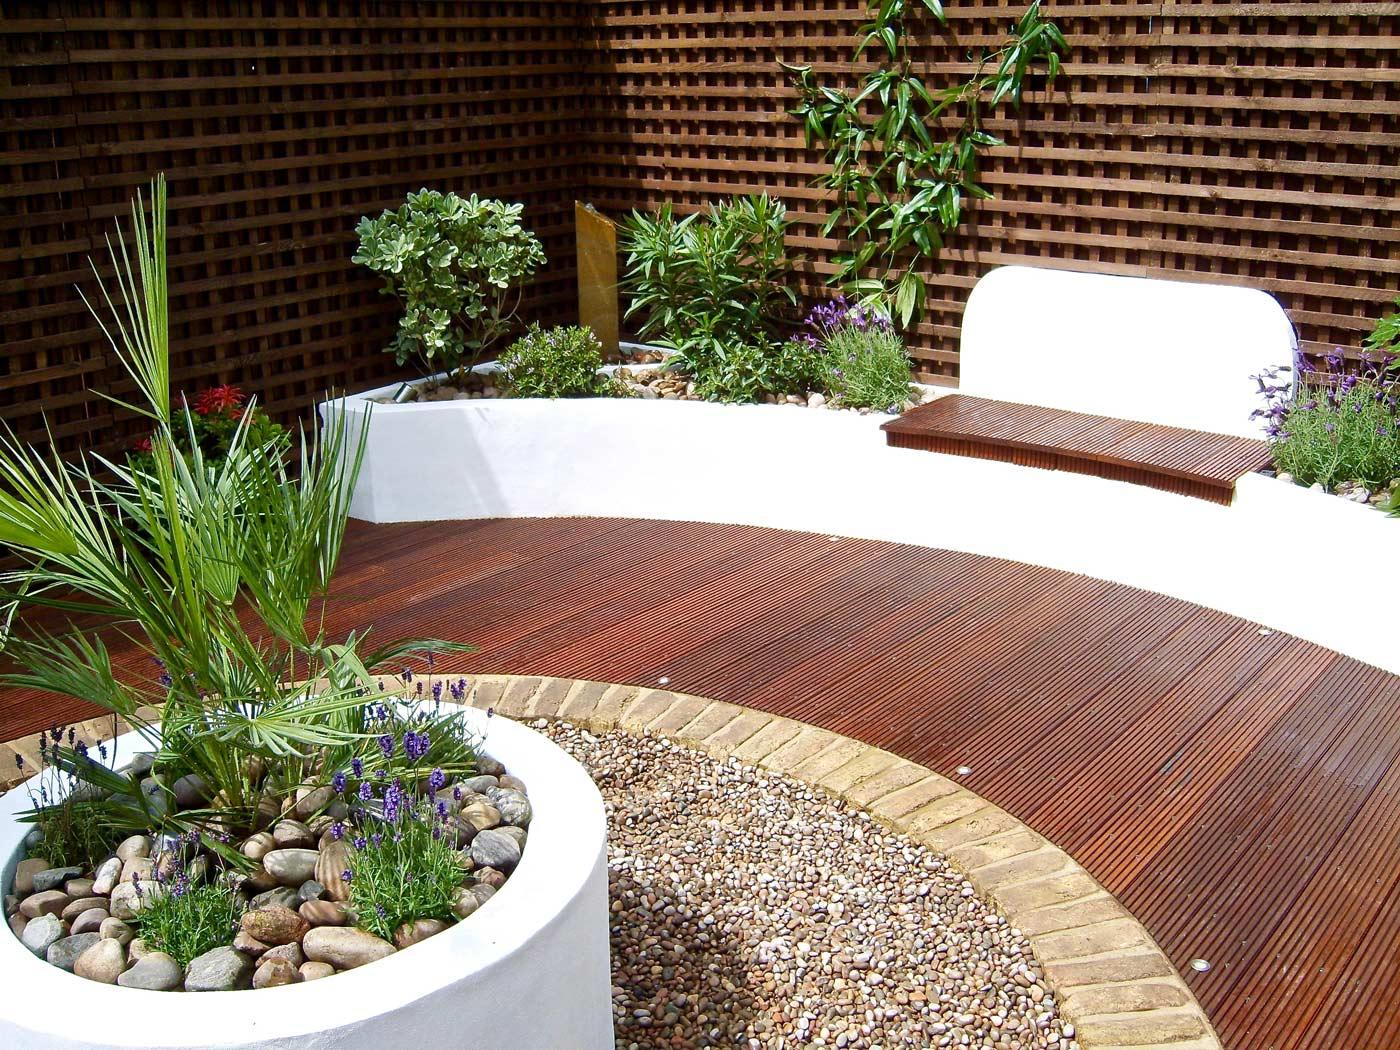 White decked garden seating area